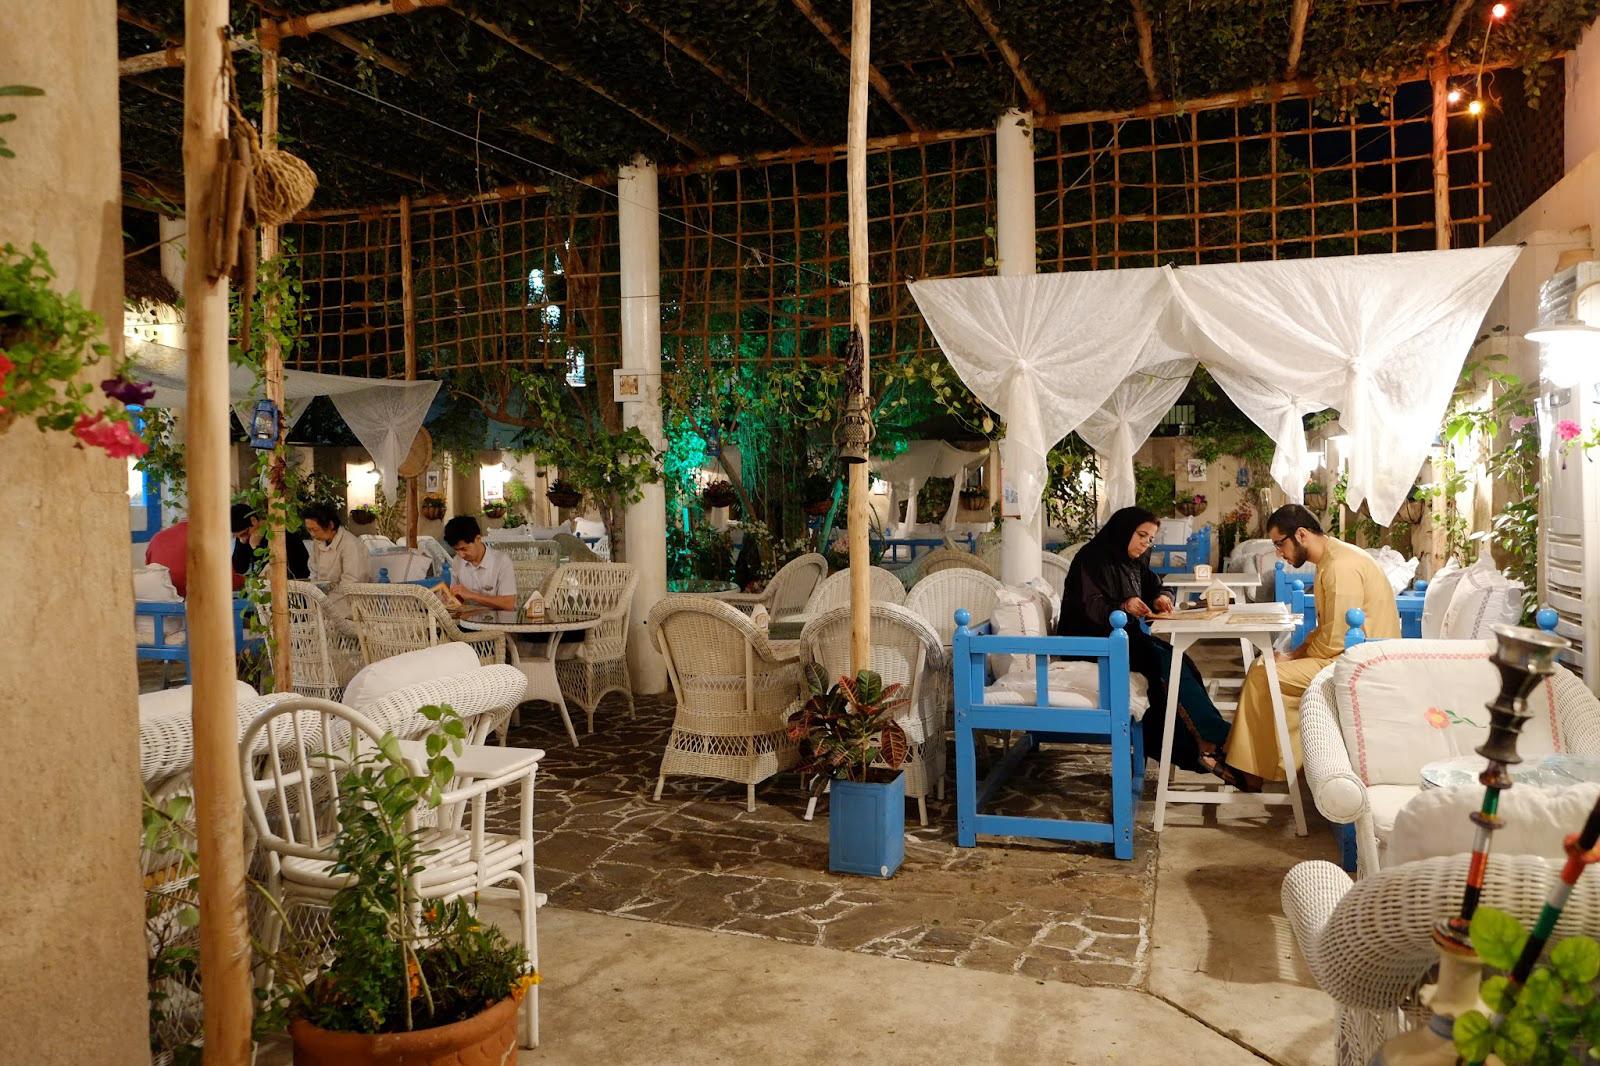 أفضل المطاعم التي ينصح في دبي مقهى بيت الشاي العربي